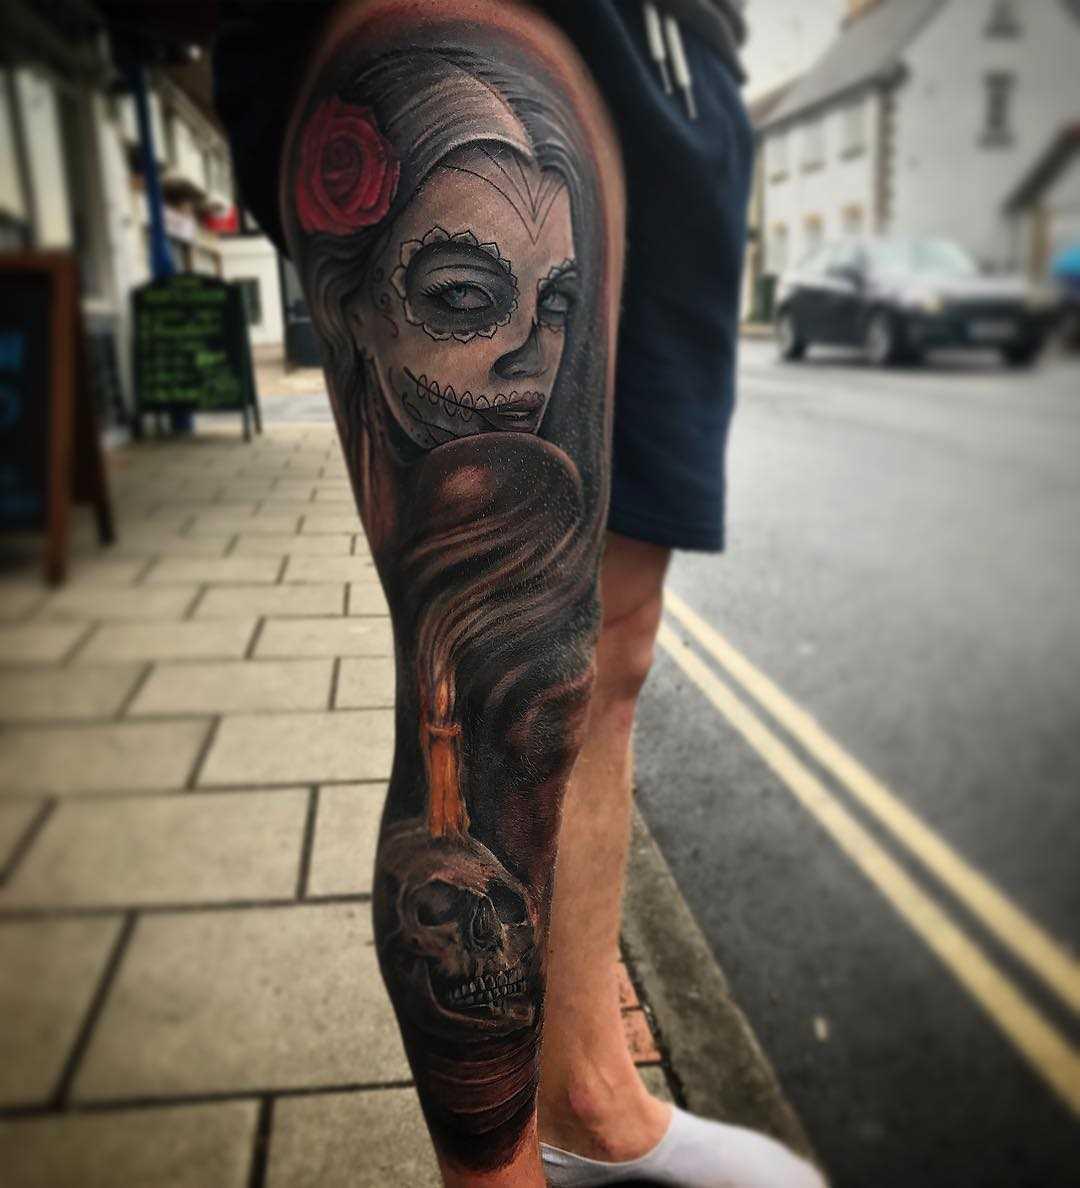 Foto íngreme da tatuagem em estilo gótico no pé do cara